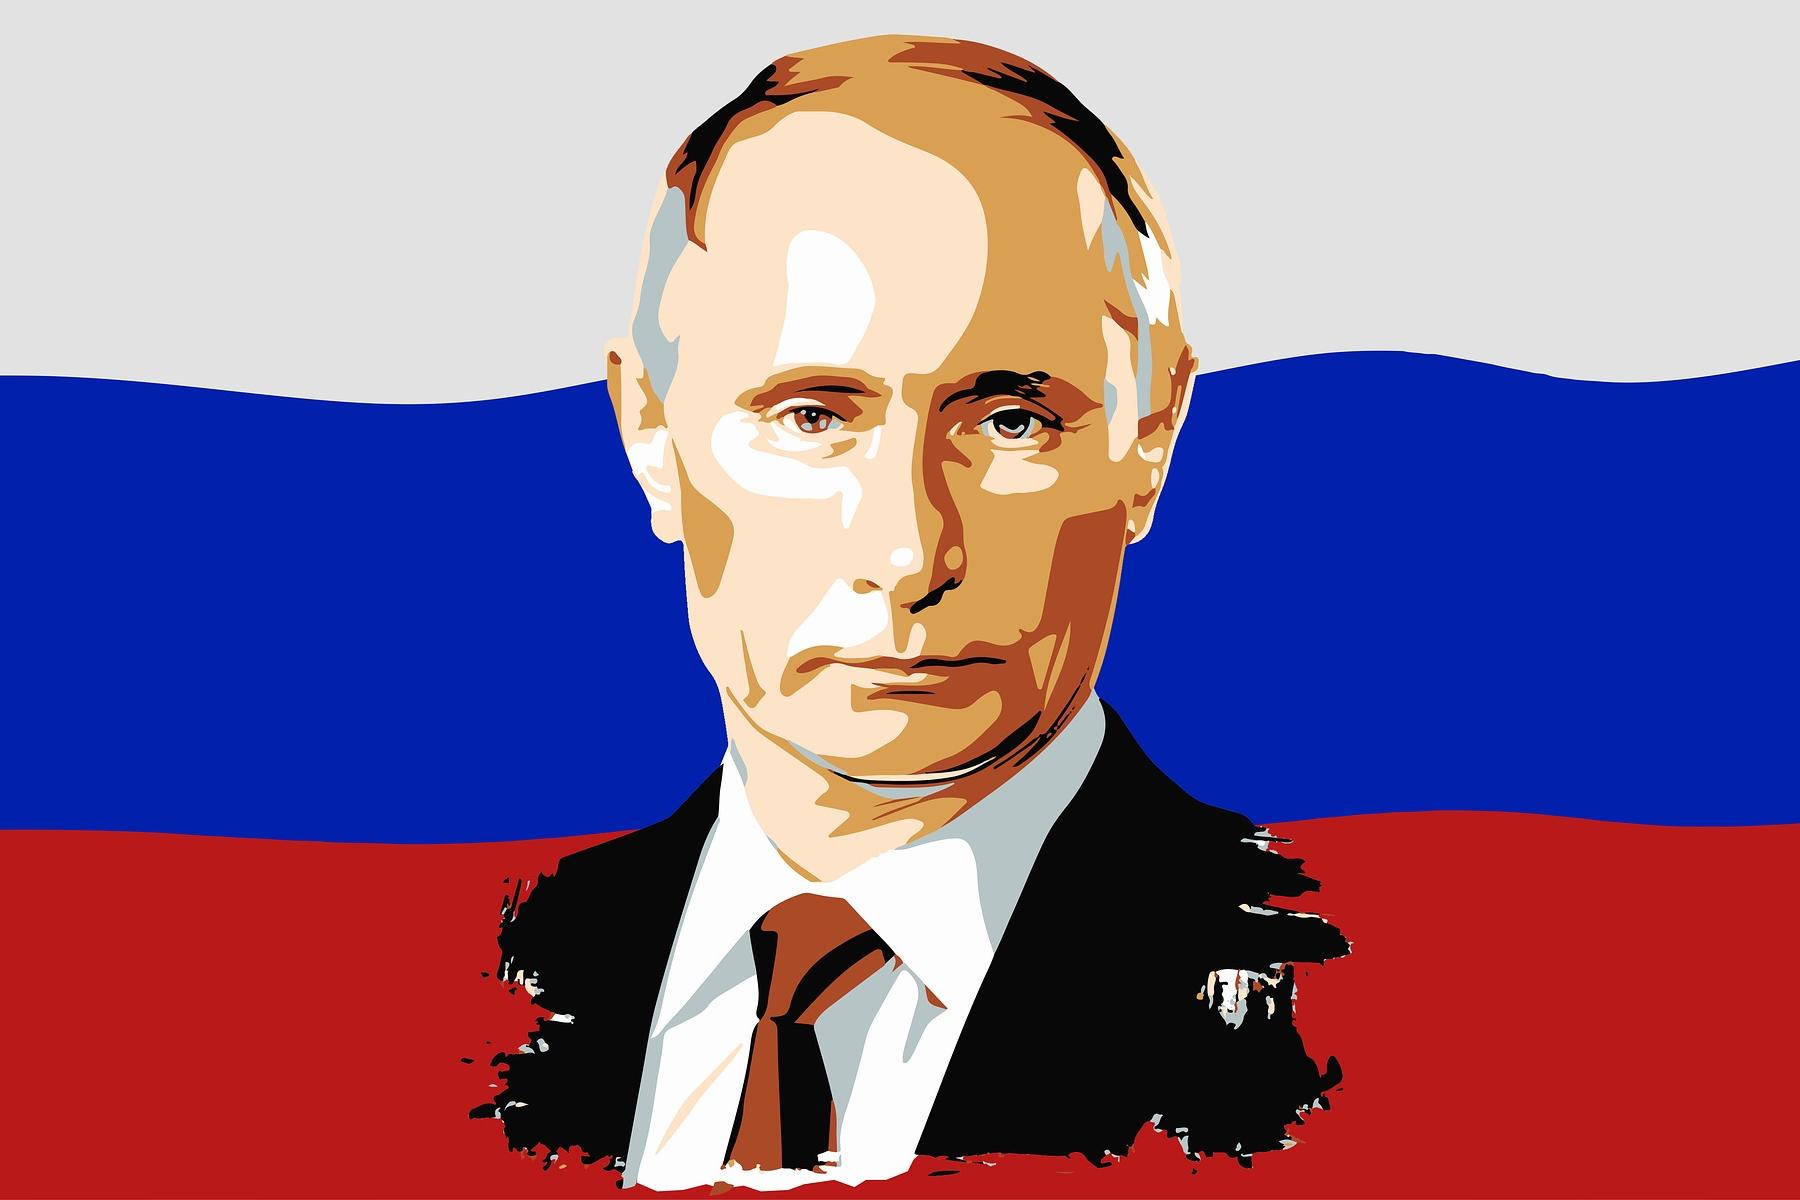 https://kulturaliberalna.pl/wp-content/uploads/2021/02/Victoria_Borodinova-pixabay-wstepniak.jpg